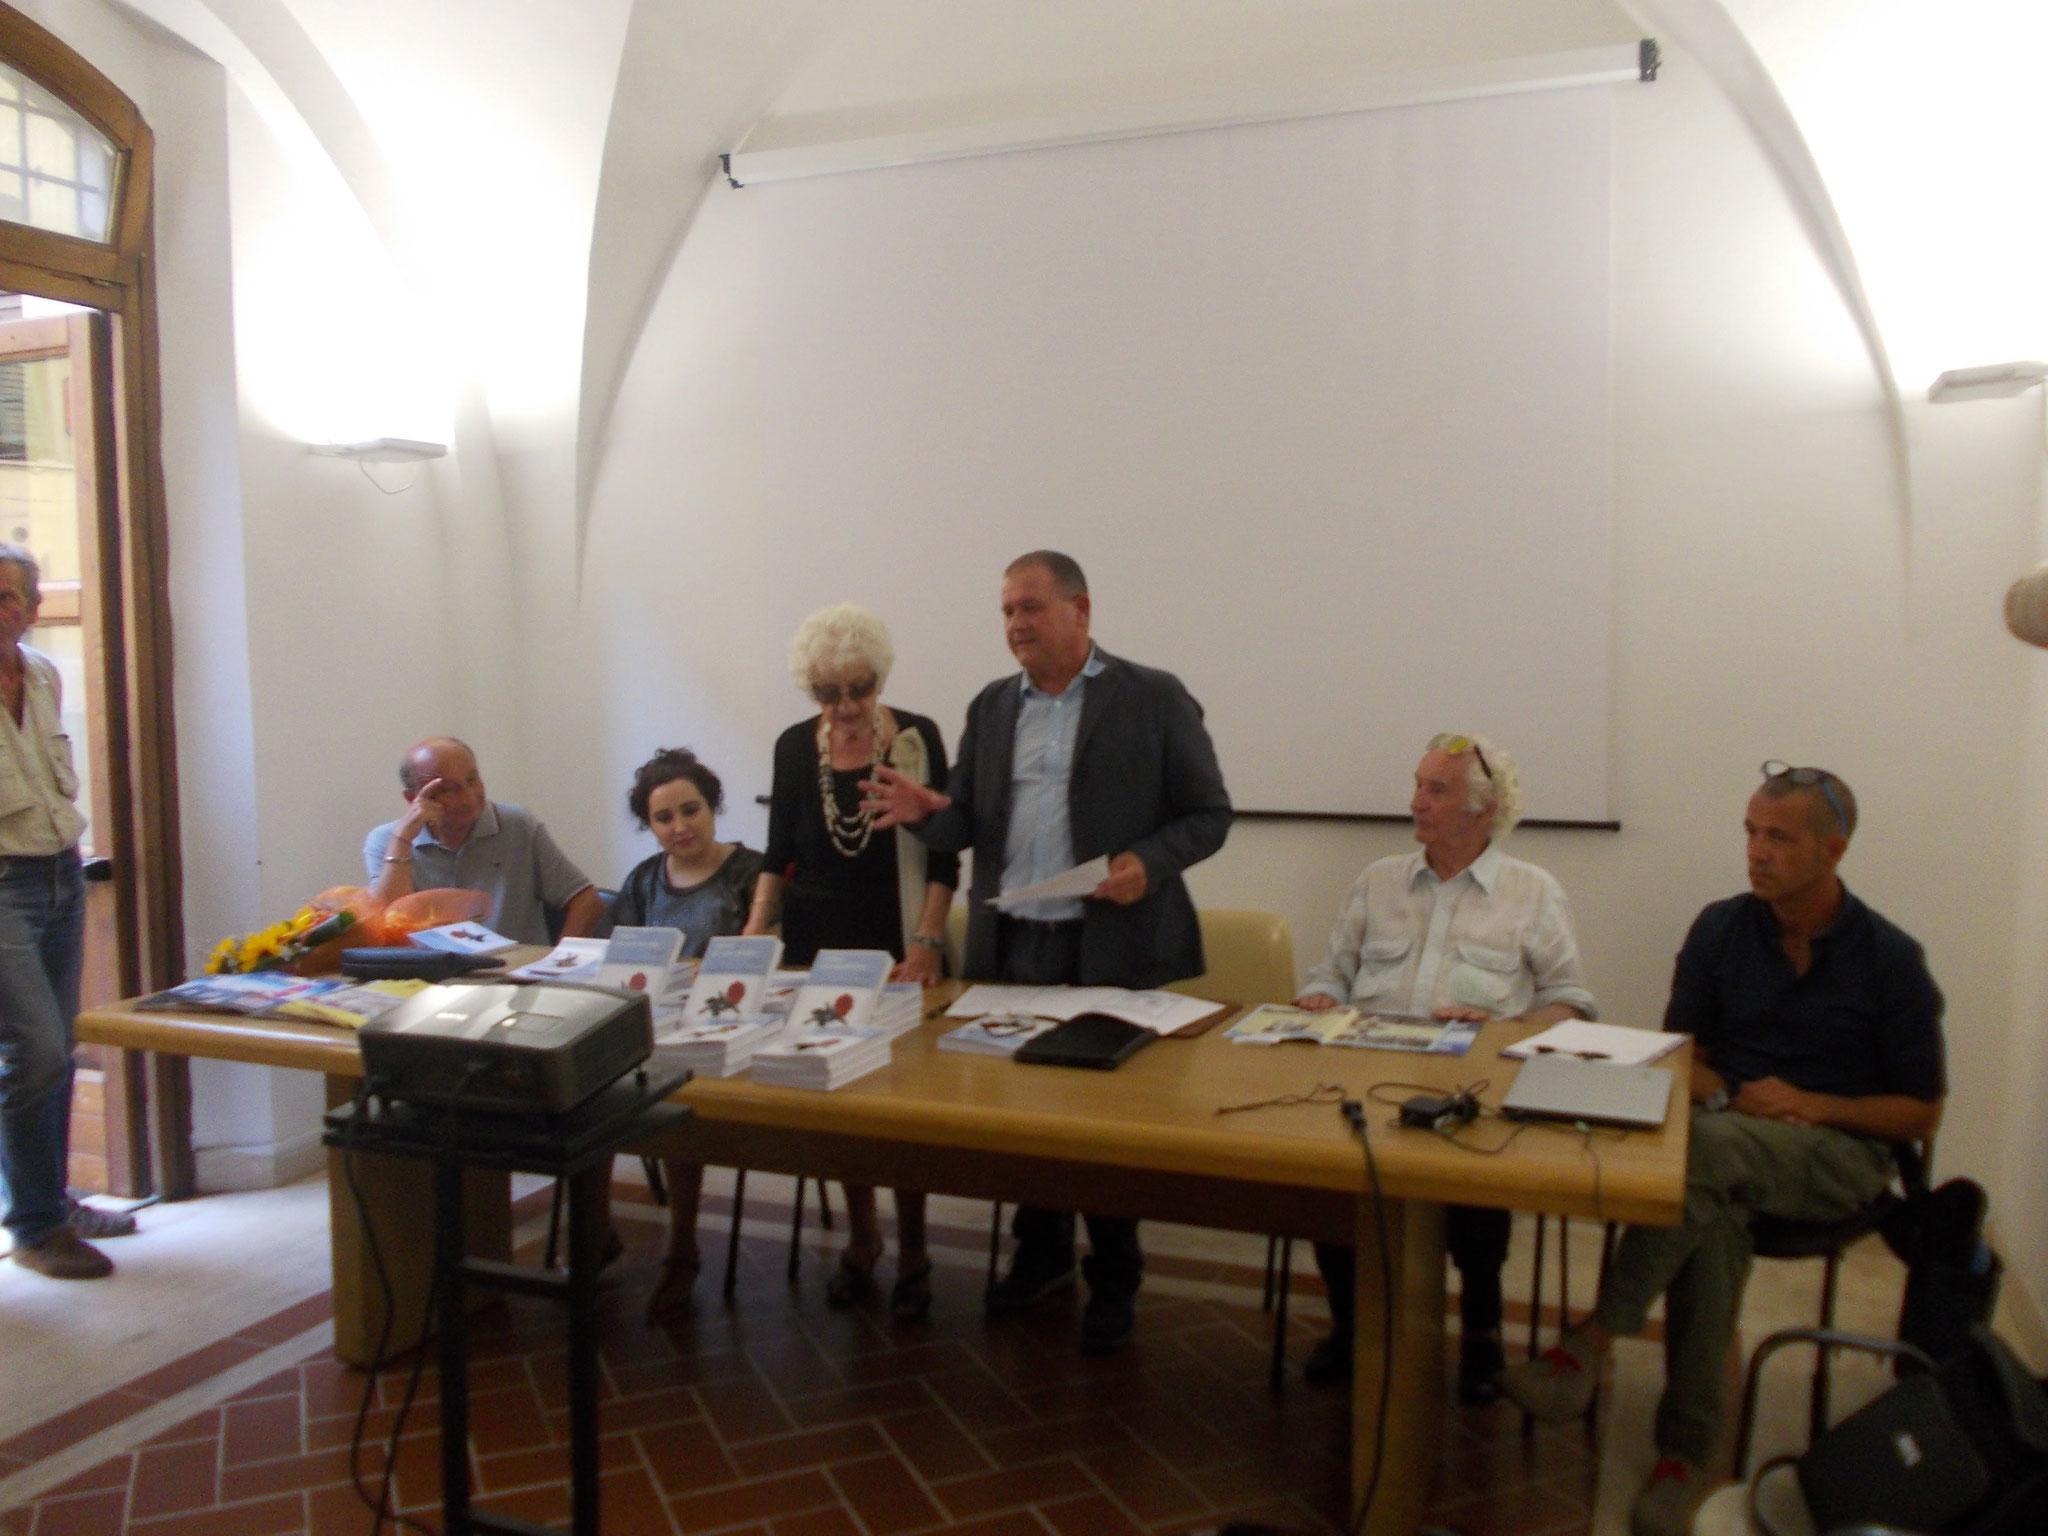 Da sx Ado Grilli, Francesca Ghiribelli, Licena Maccanti Pizzi, il sindaco Massimo Giuliani, Ivio Barlettani, Emilio Guardavilla